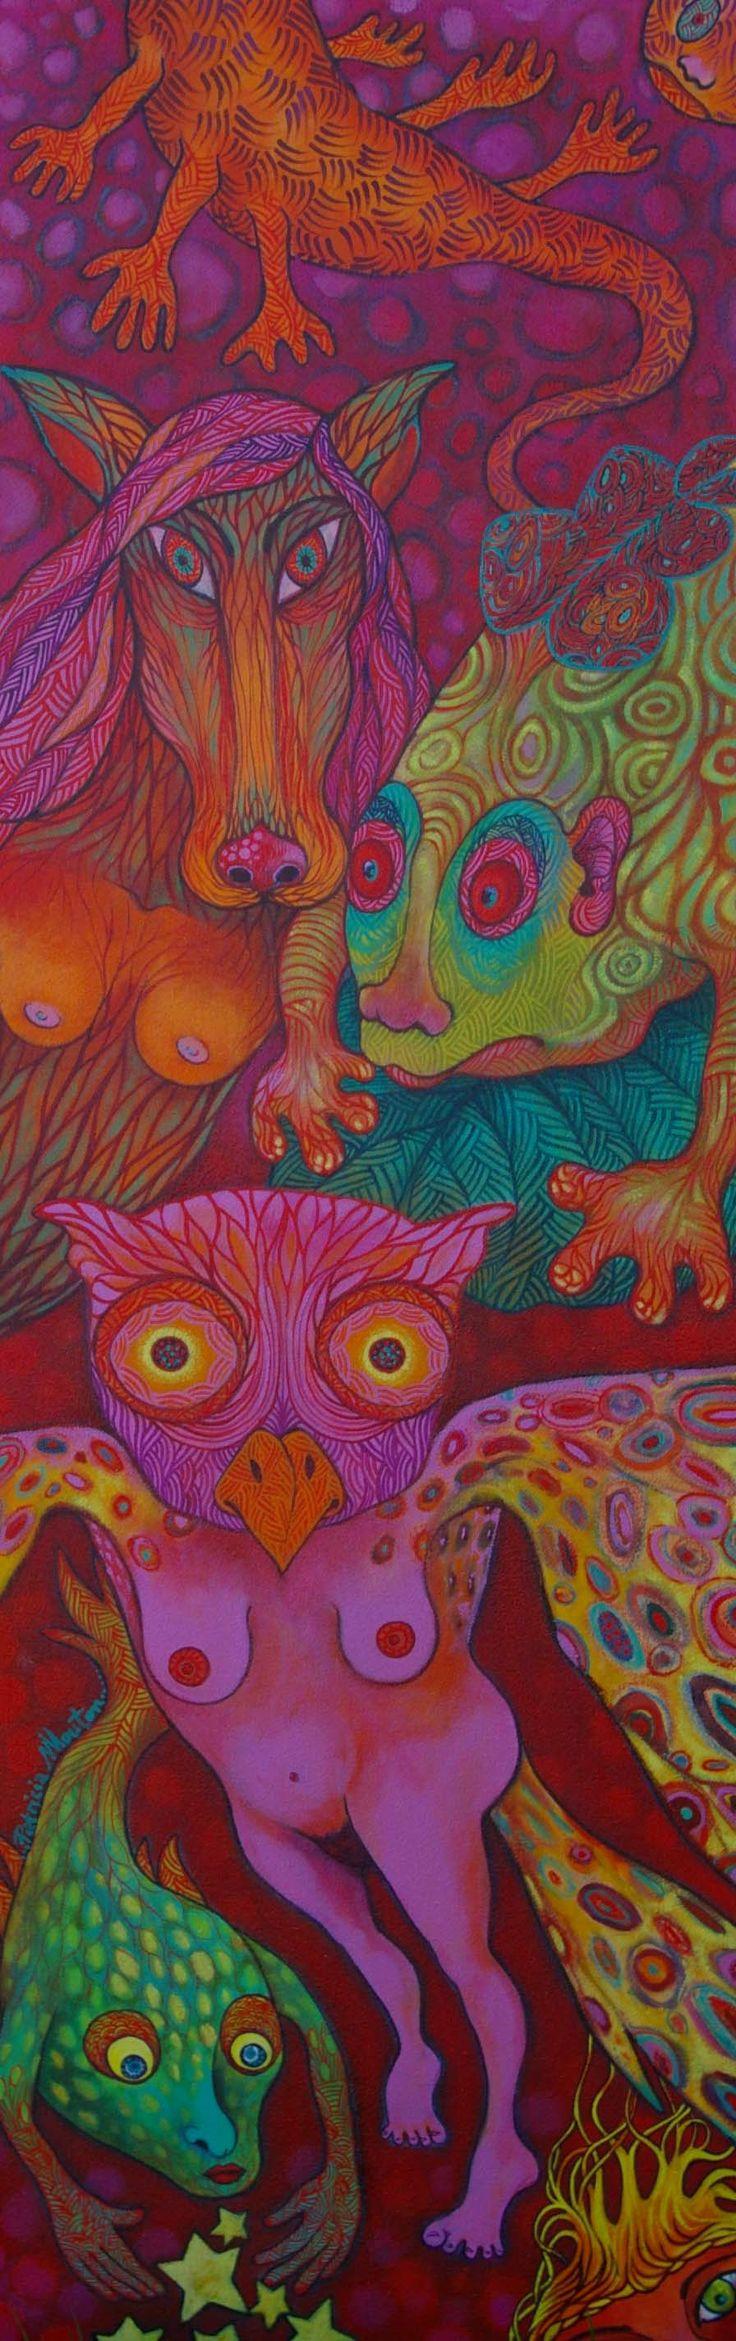 Acrylique et pastel gras sur toile 40/120cm. Bestiaire fantastique. Patricia Mouton.